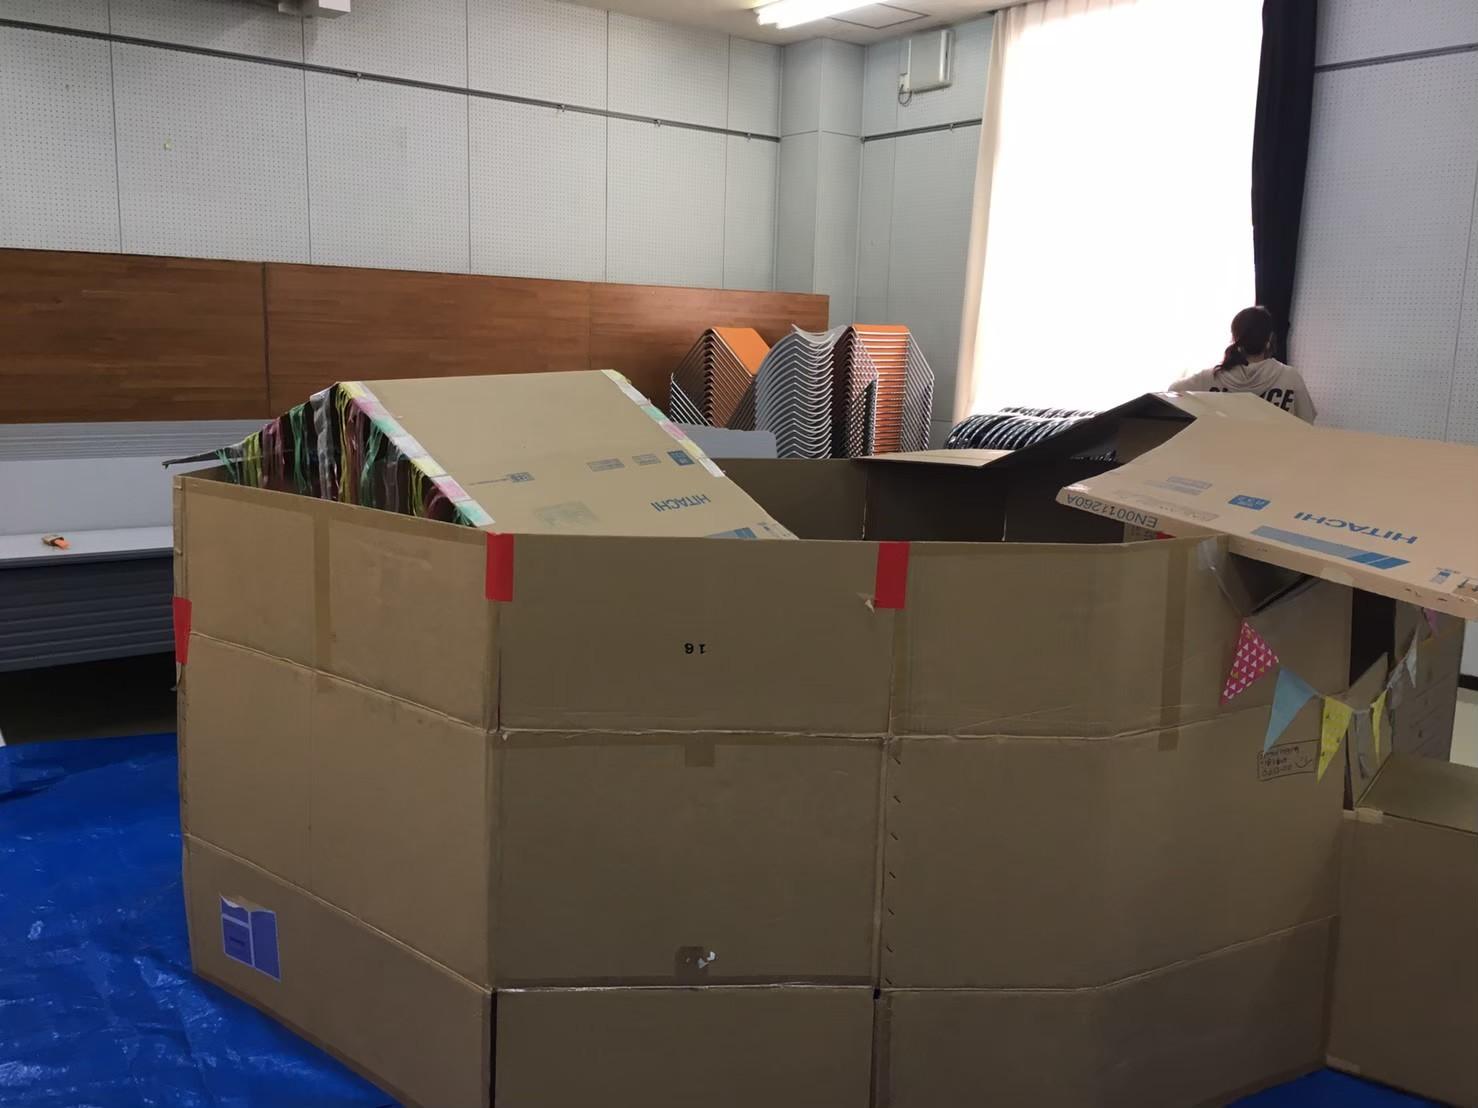 2019/9/8 ダンボールハウス作り_e0123469_20123805.jpg